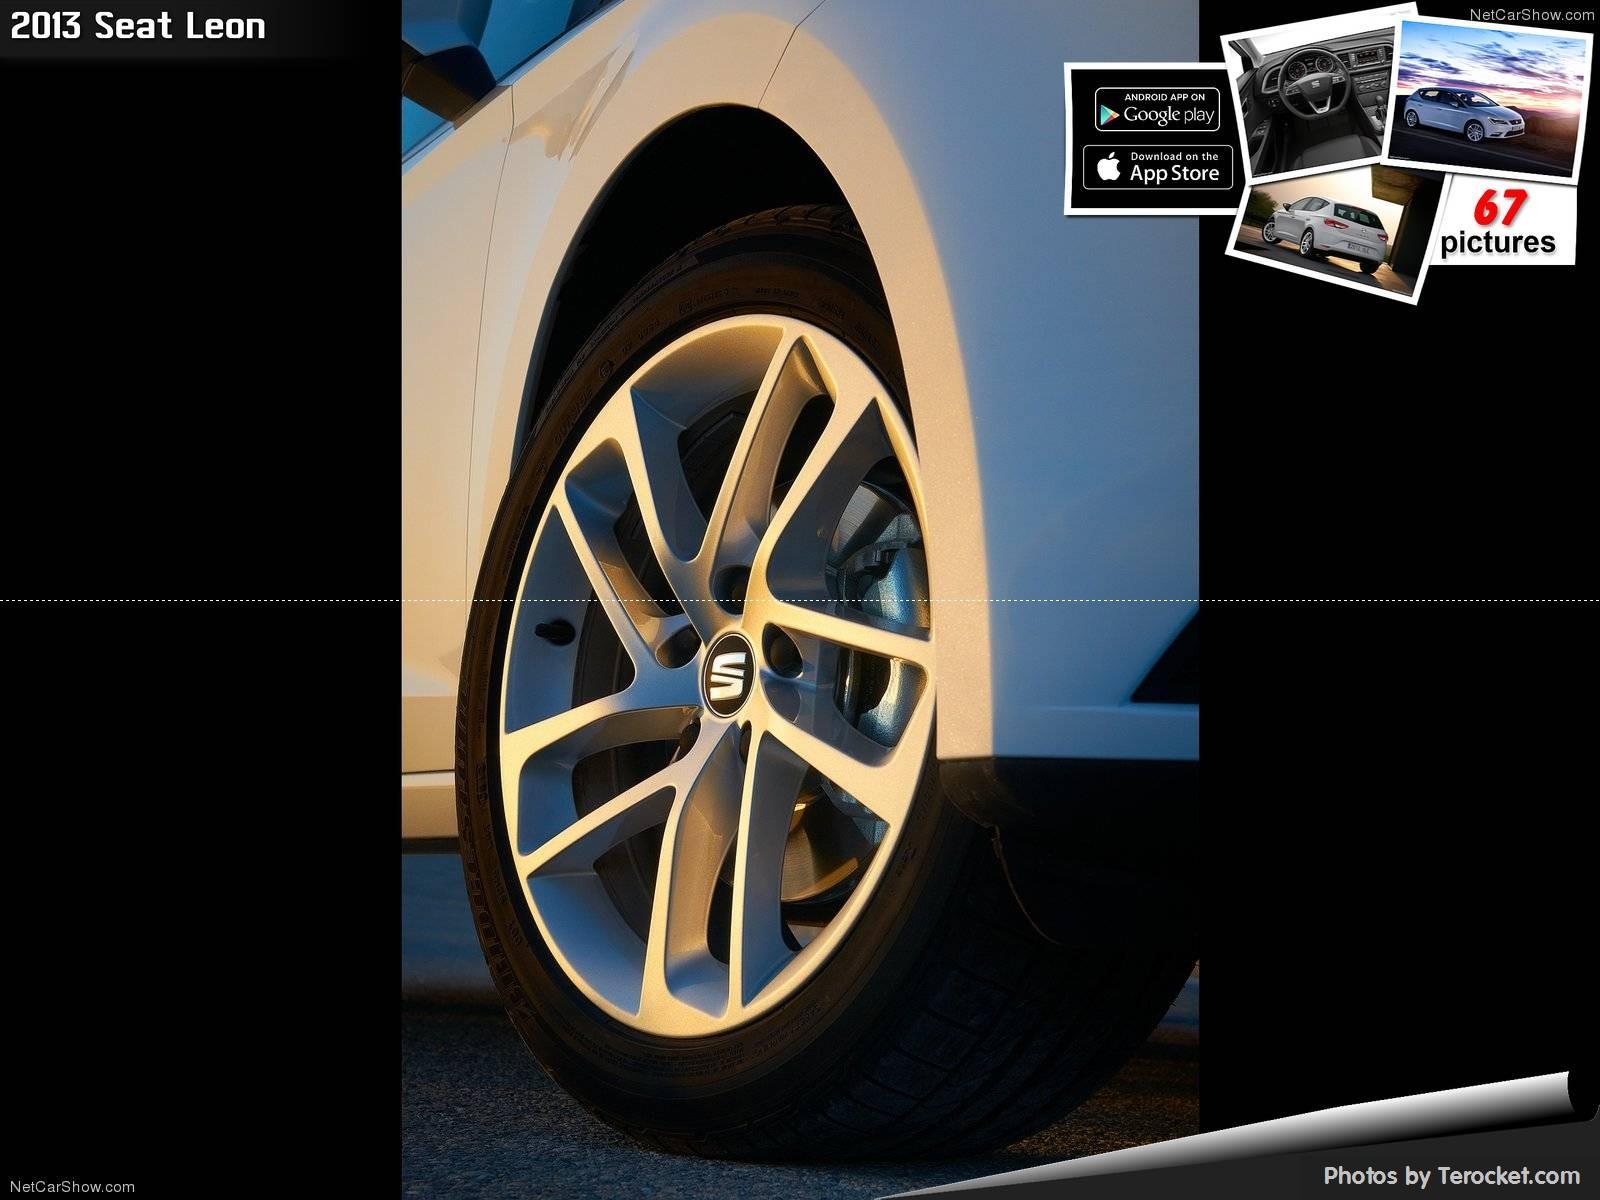 Hình ảnh xe ô tô Seat Leon 2013 & nội ngoại thất